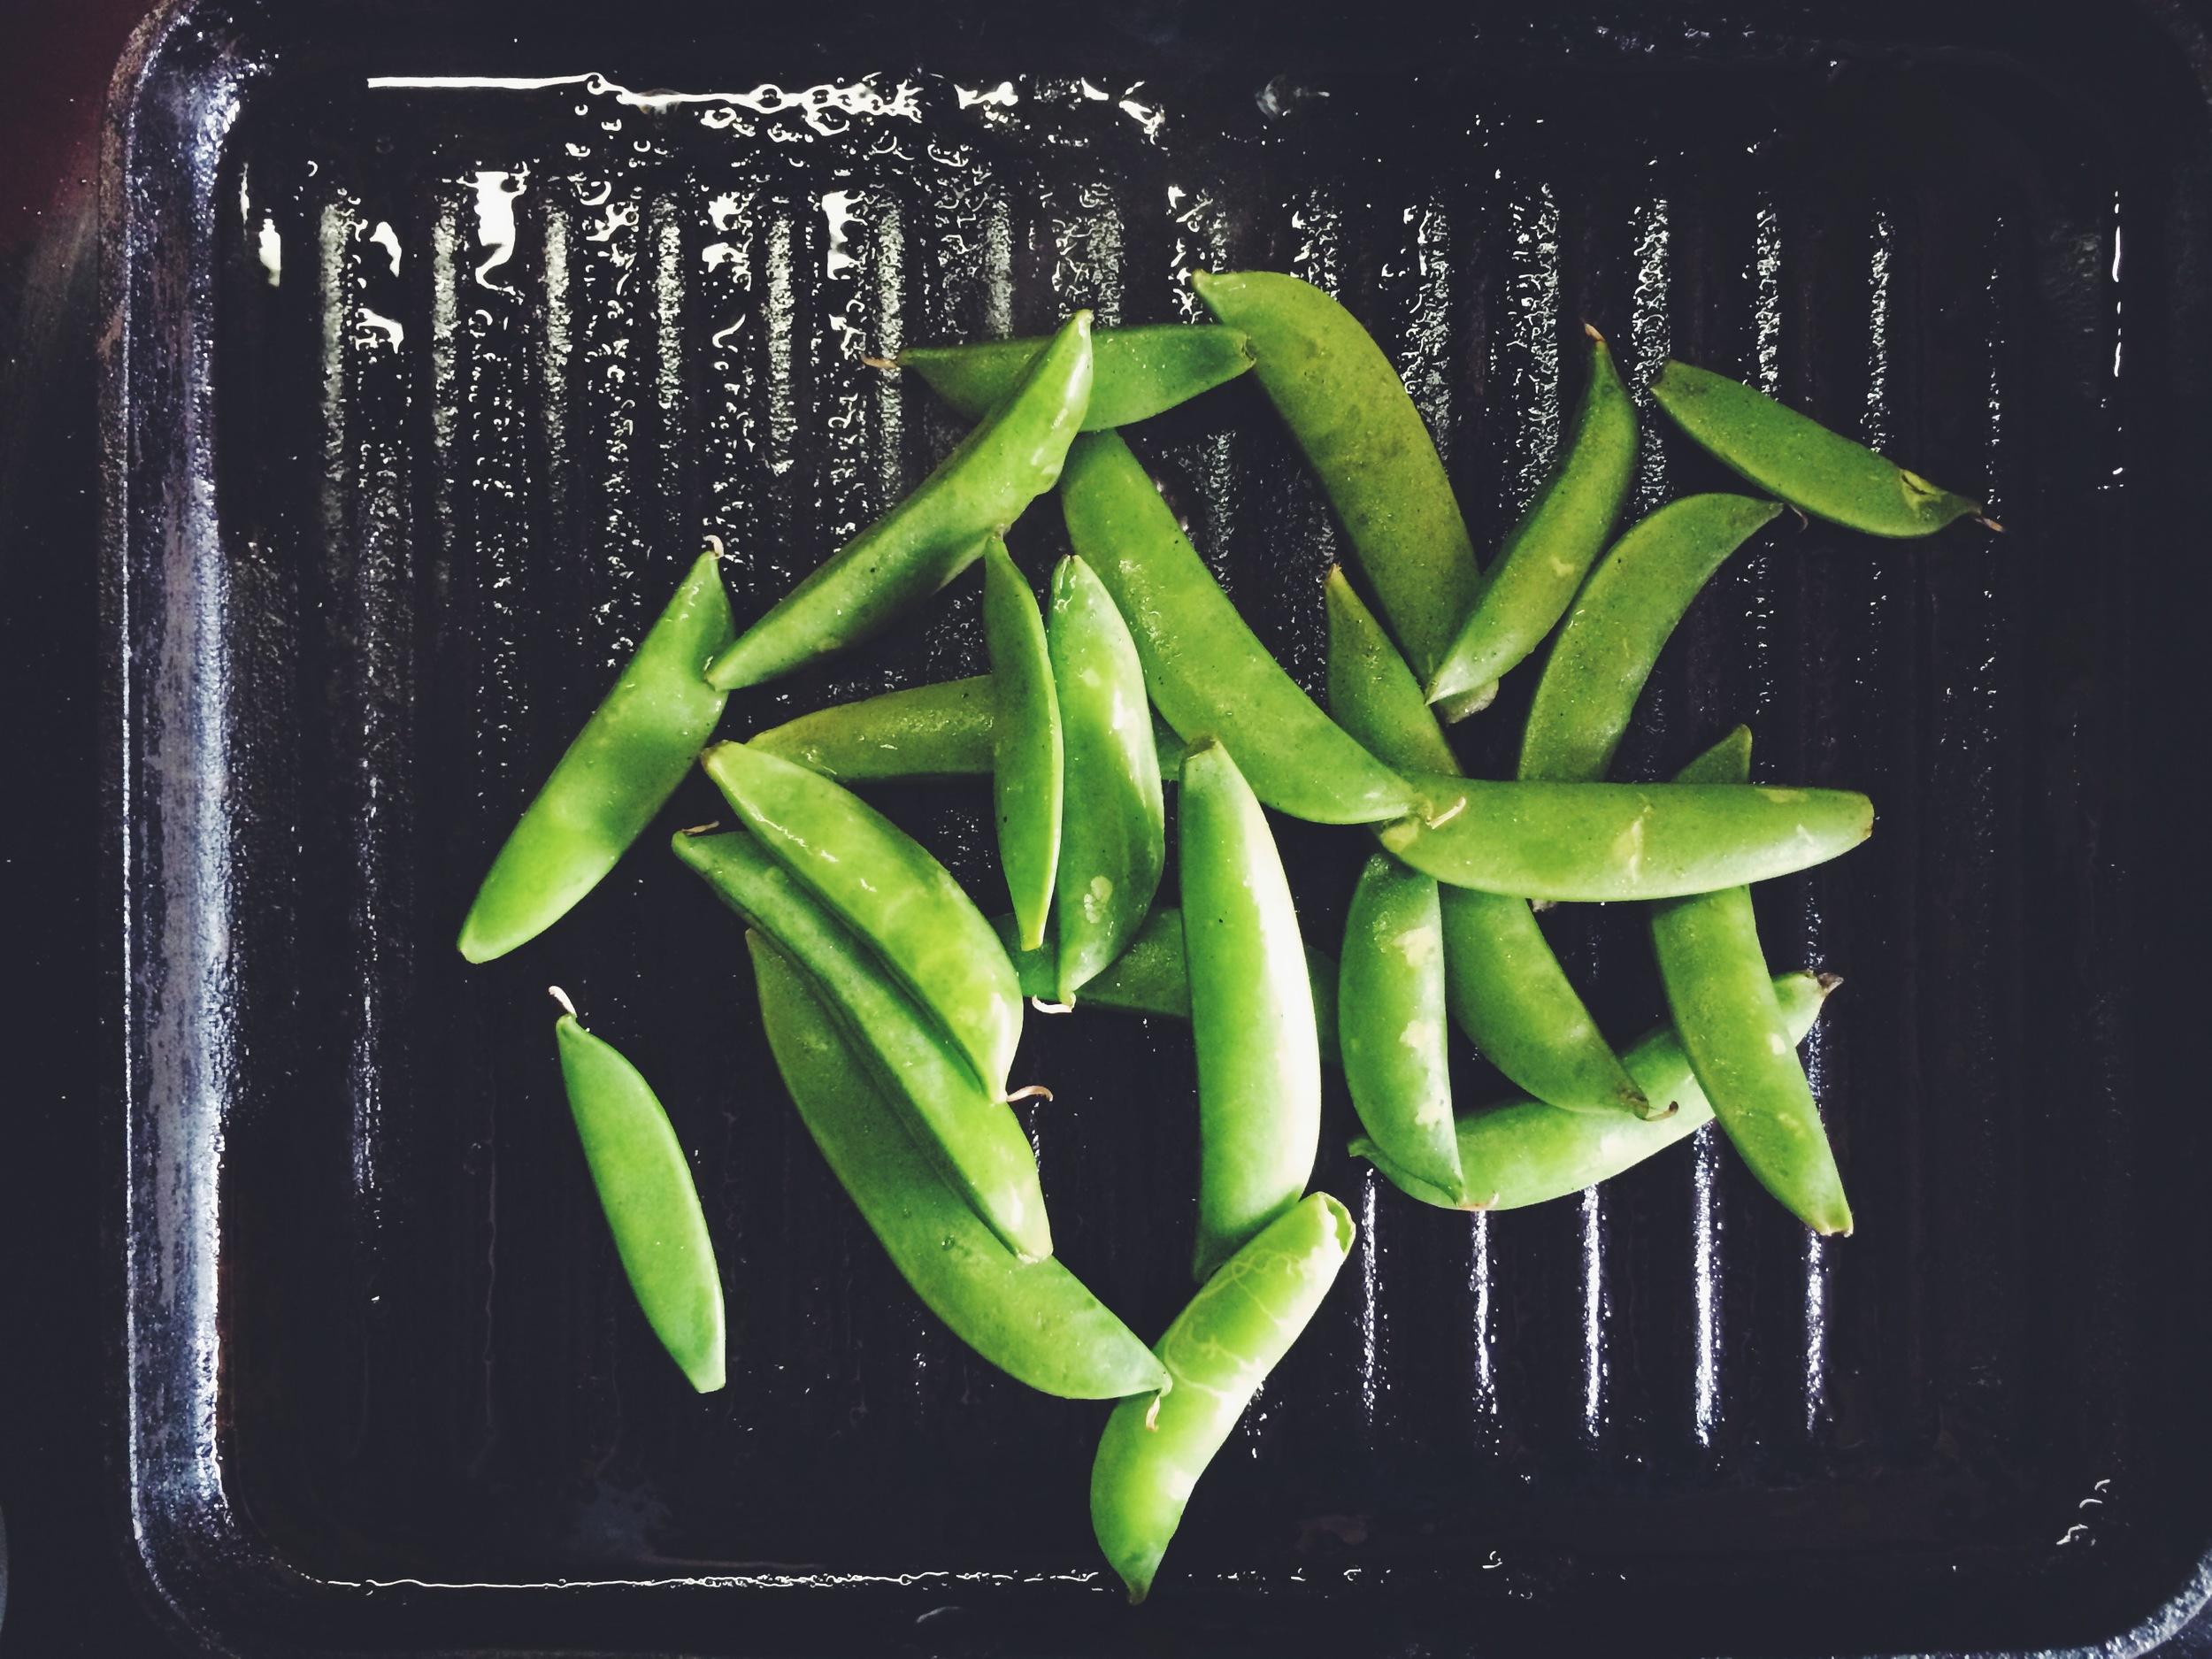 Peas 6.jpg